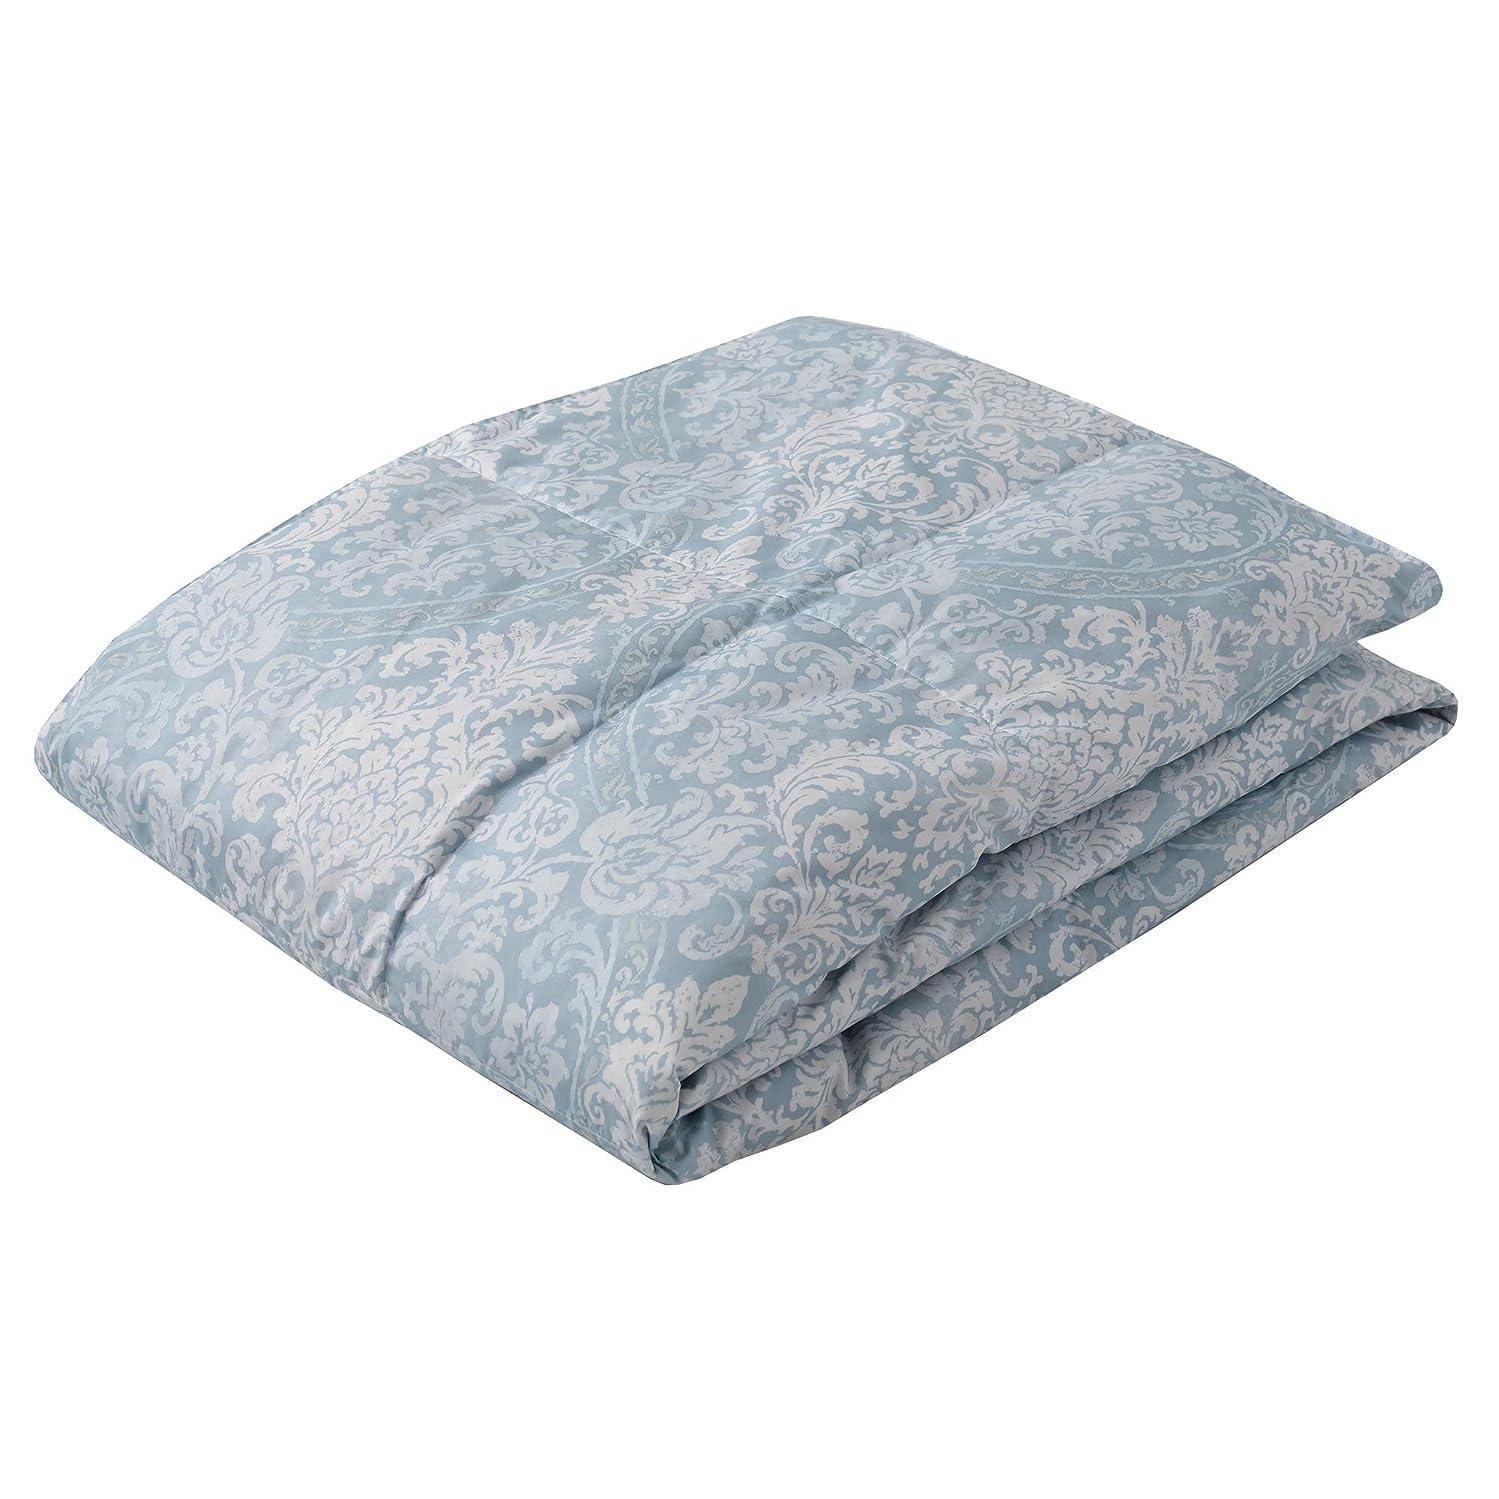 わかりやすいコンパイル毛細血管西川(Nishikawa) ダウンケット (羽毛肌掛け布団) ブルー シングル ダックダウン70% 洗える 軽量 抗菌防臭 クレセント KE09005002B2